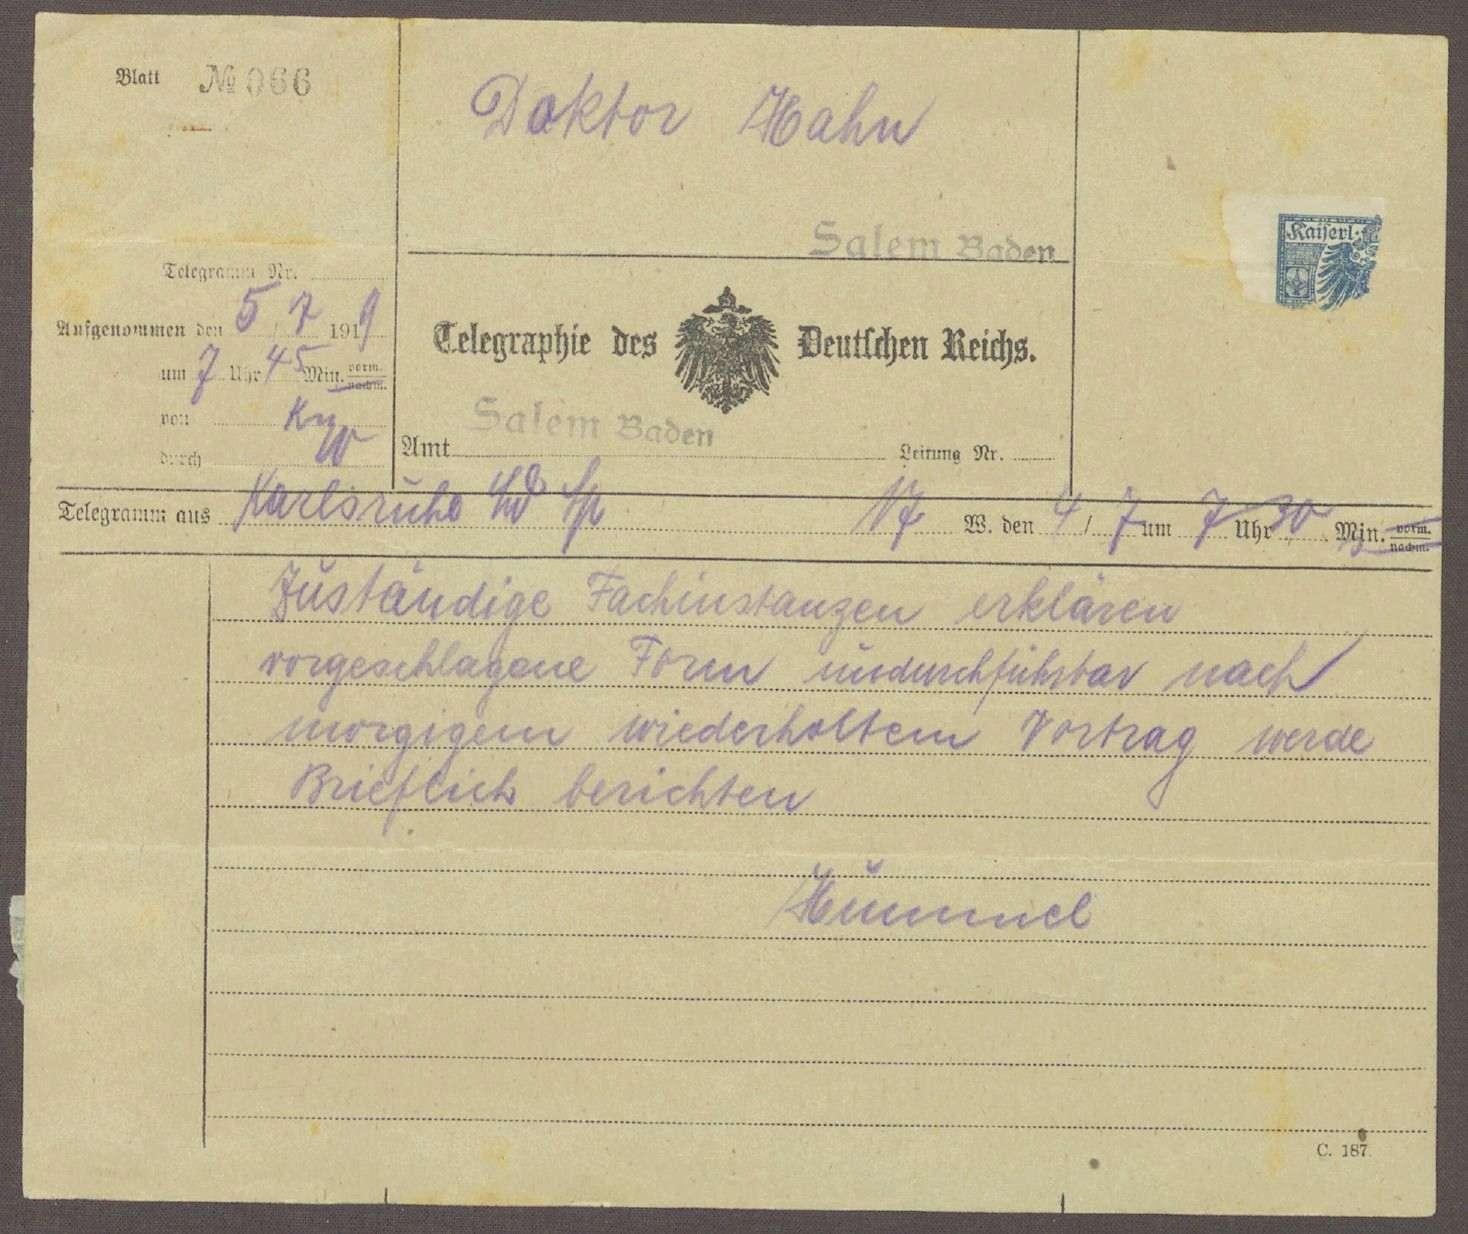 Telegramm von Hermann Hummel an Kurt Hahn; Ankündigung eines Briefes und Stellungnahme der Fachinstanzen zu einem spezifischen Anliegen, Bild 1